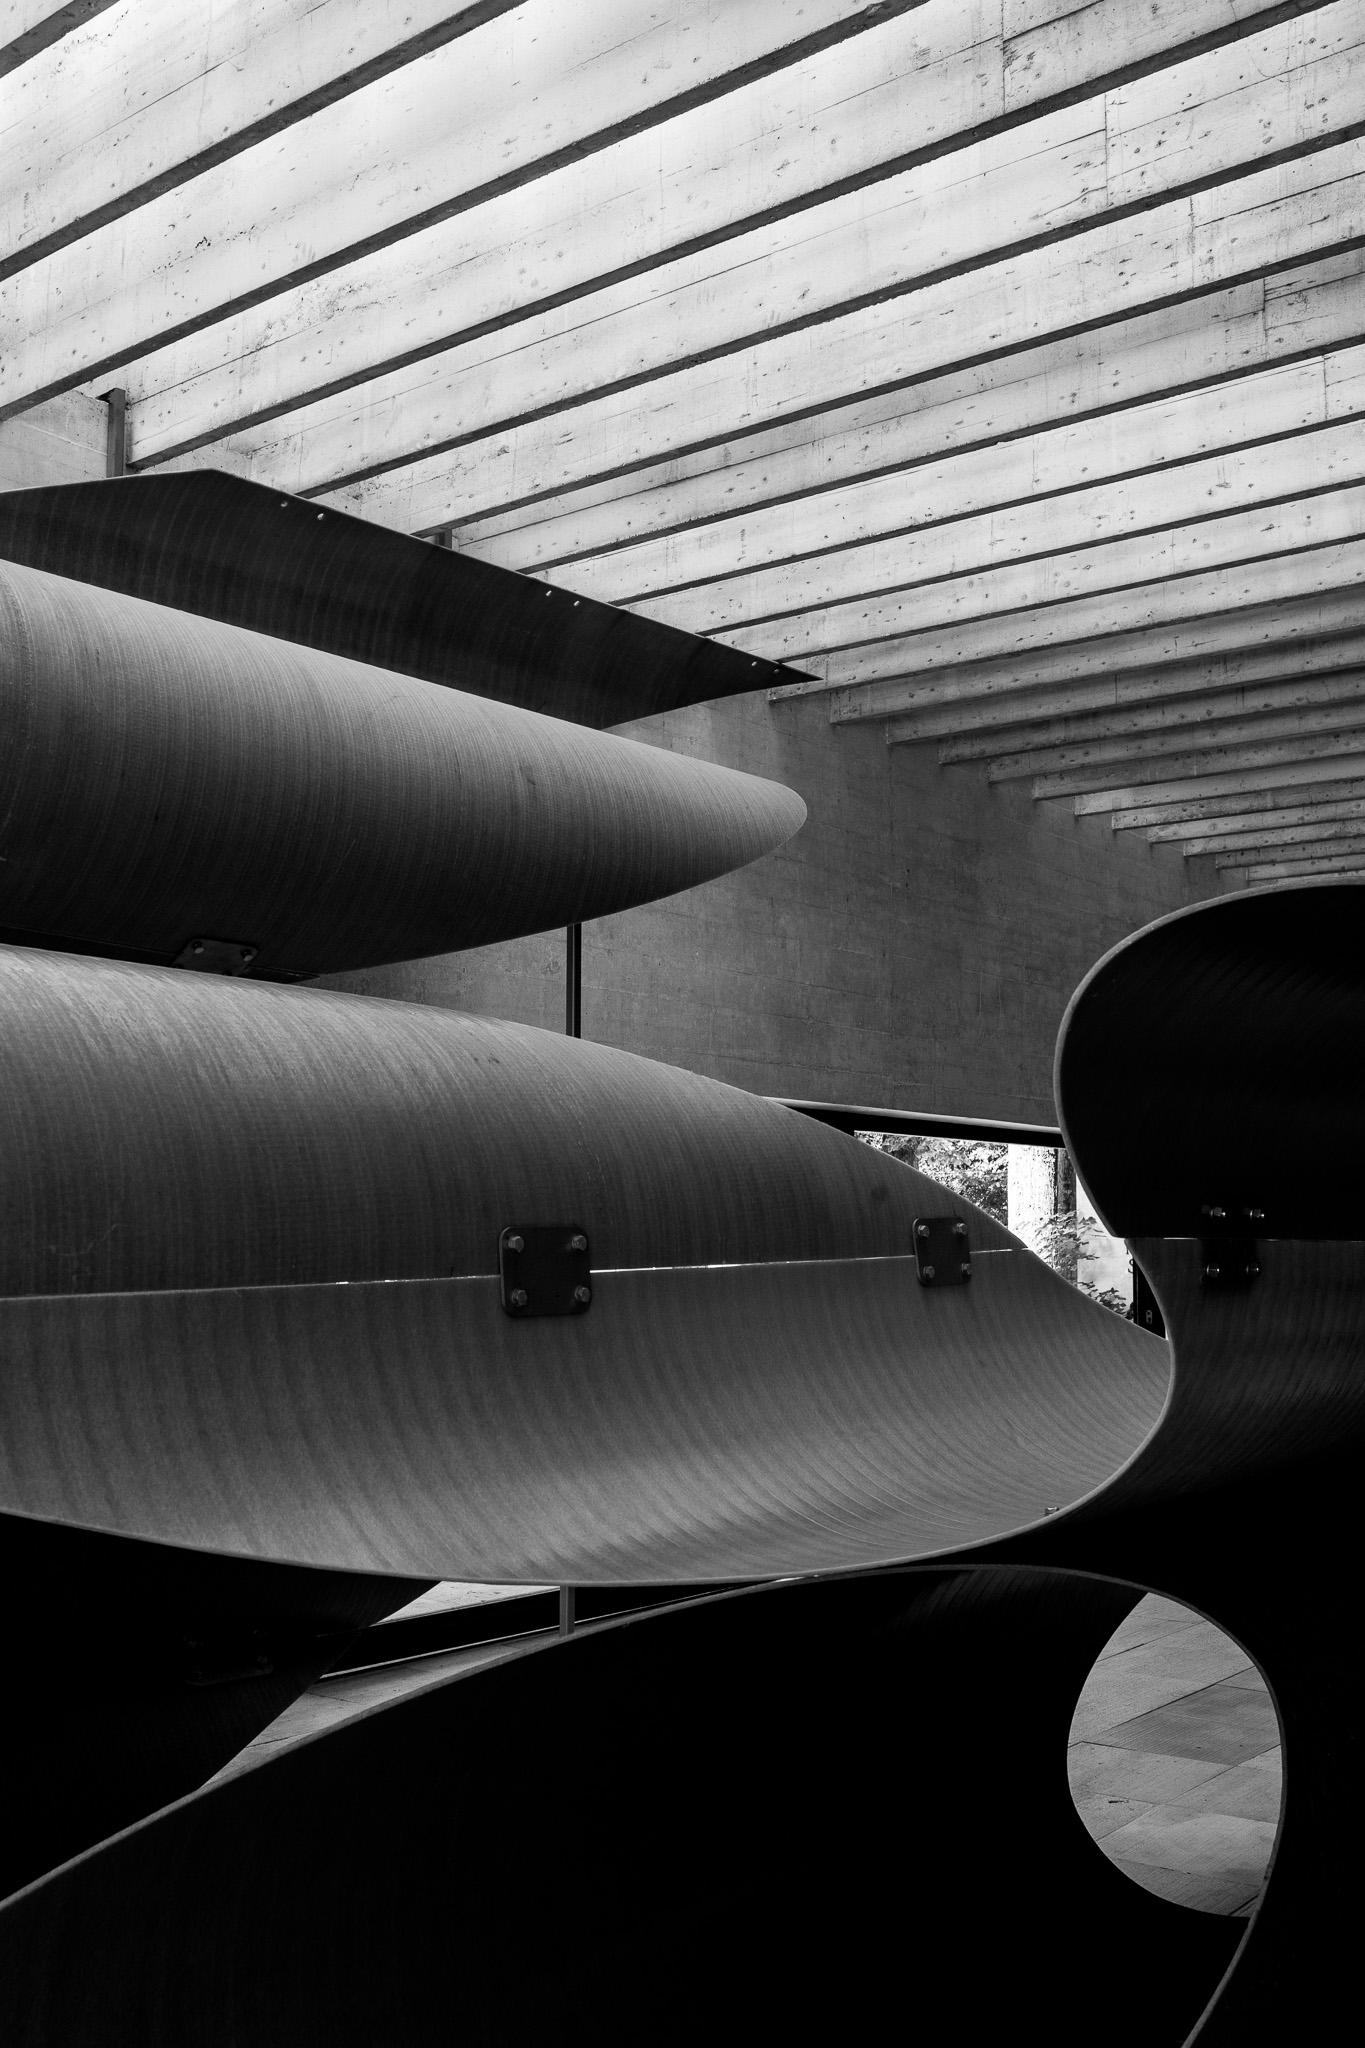 Biennale-sweden-4.jpg